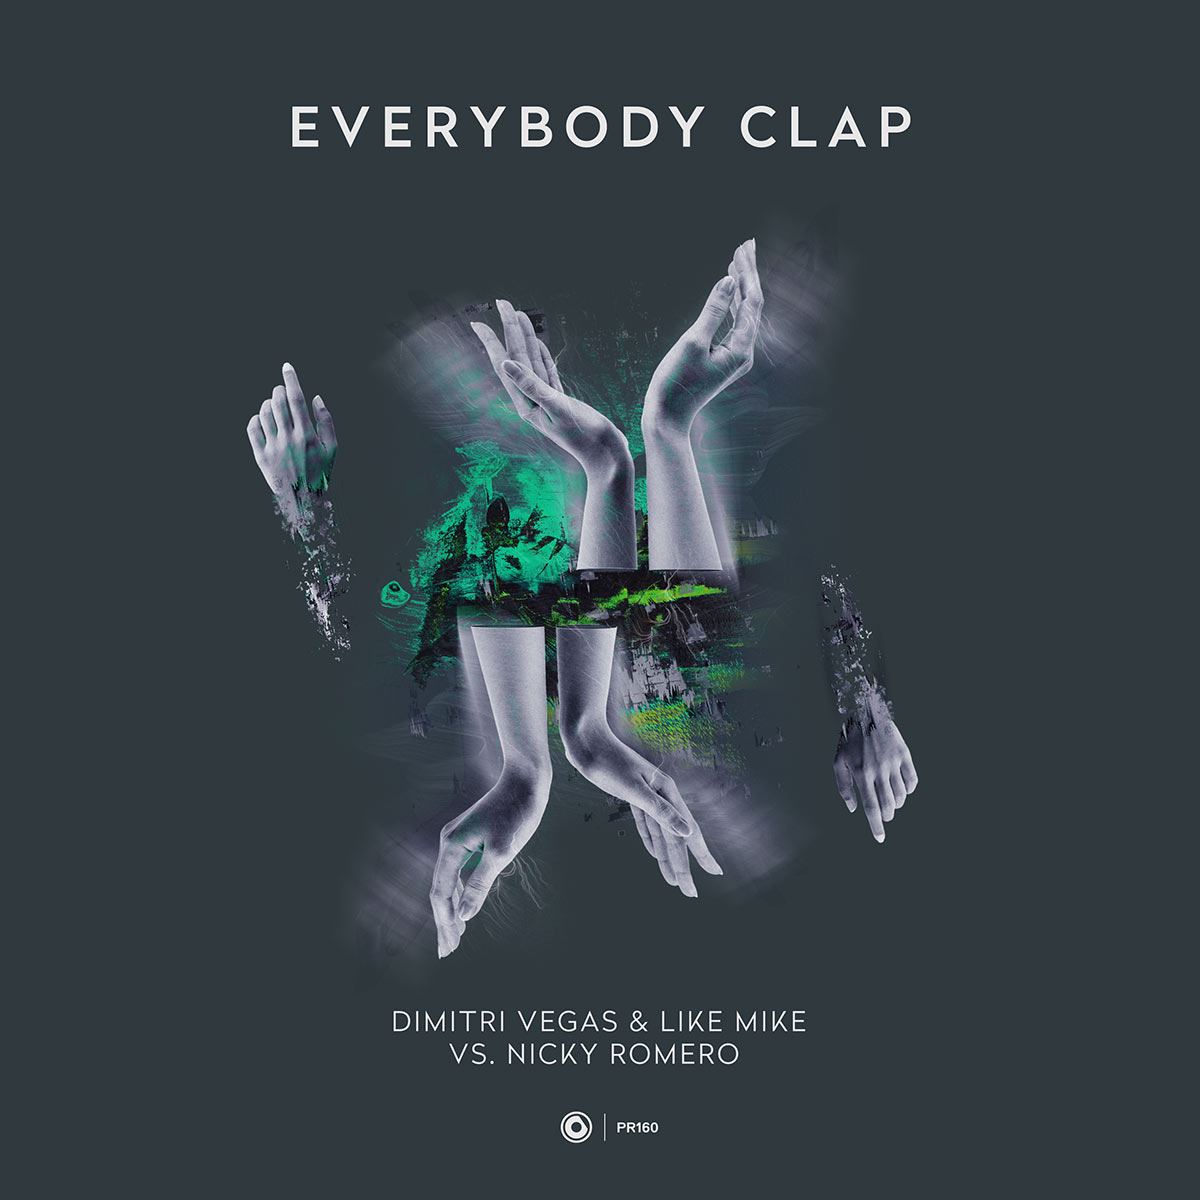 Dimitri Vegas & Like vs. Nicky Romero - Everybody Clap